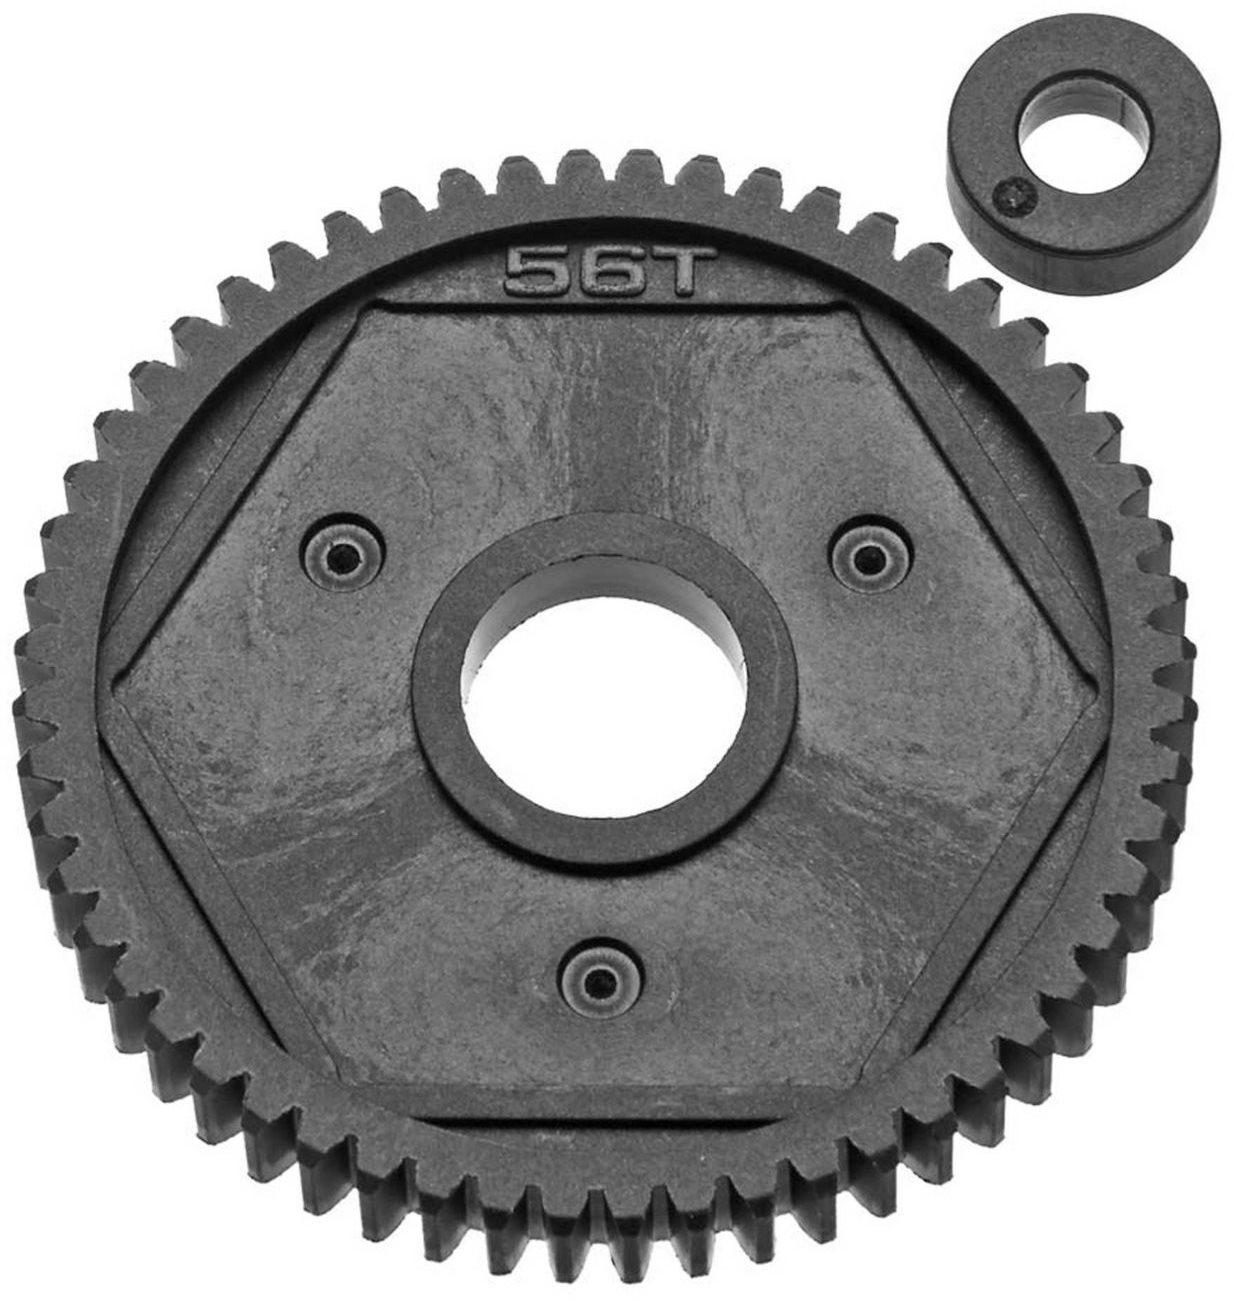 Axial Spur Gear 32P 56T